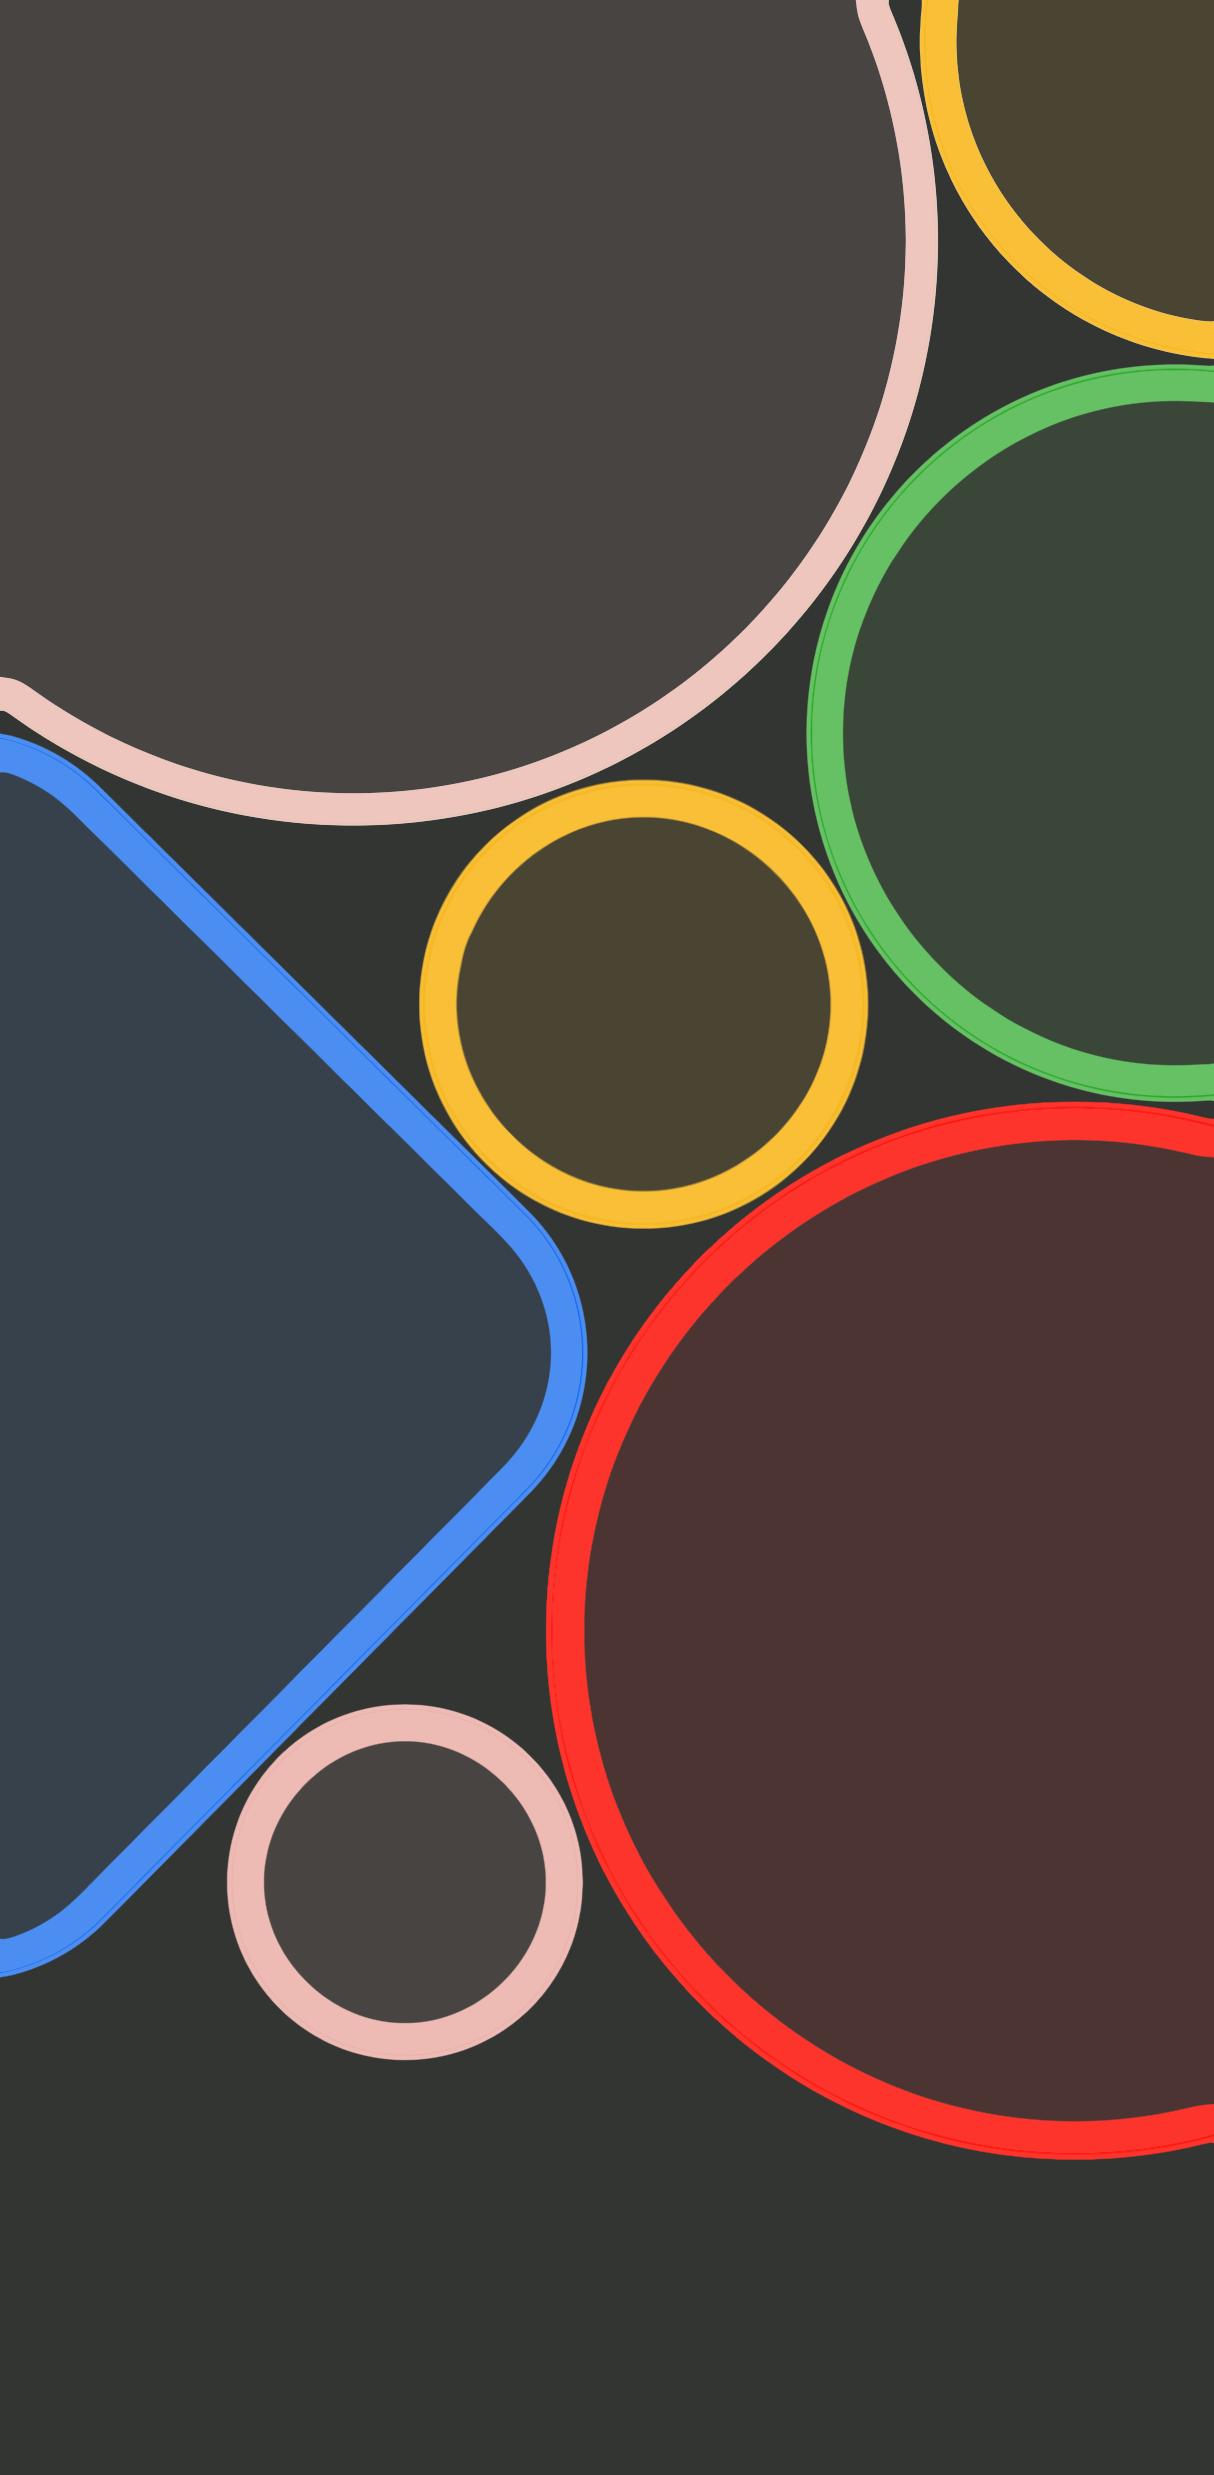 Google Pixel 4a Wallpapers - Wallpaper Cave